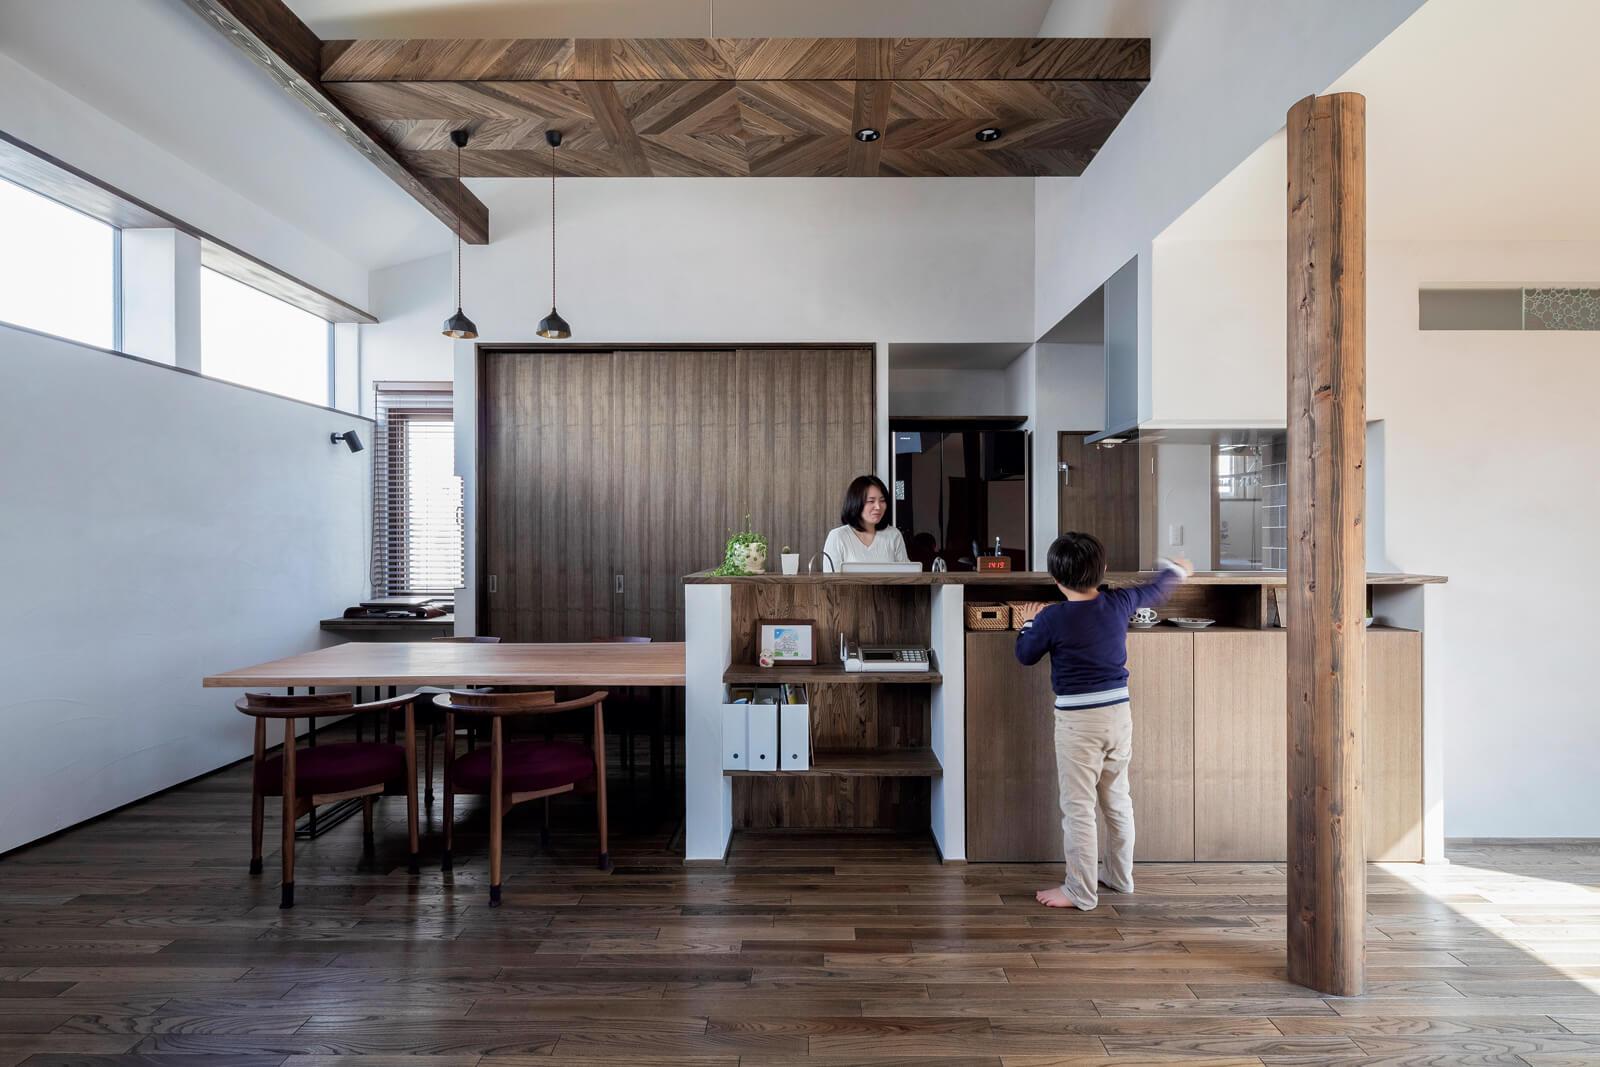 天井の一部に木を用いた設計のダイニング・キッチン。寄木細工のような意匠が空間に上質感をプラス